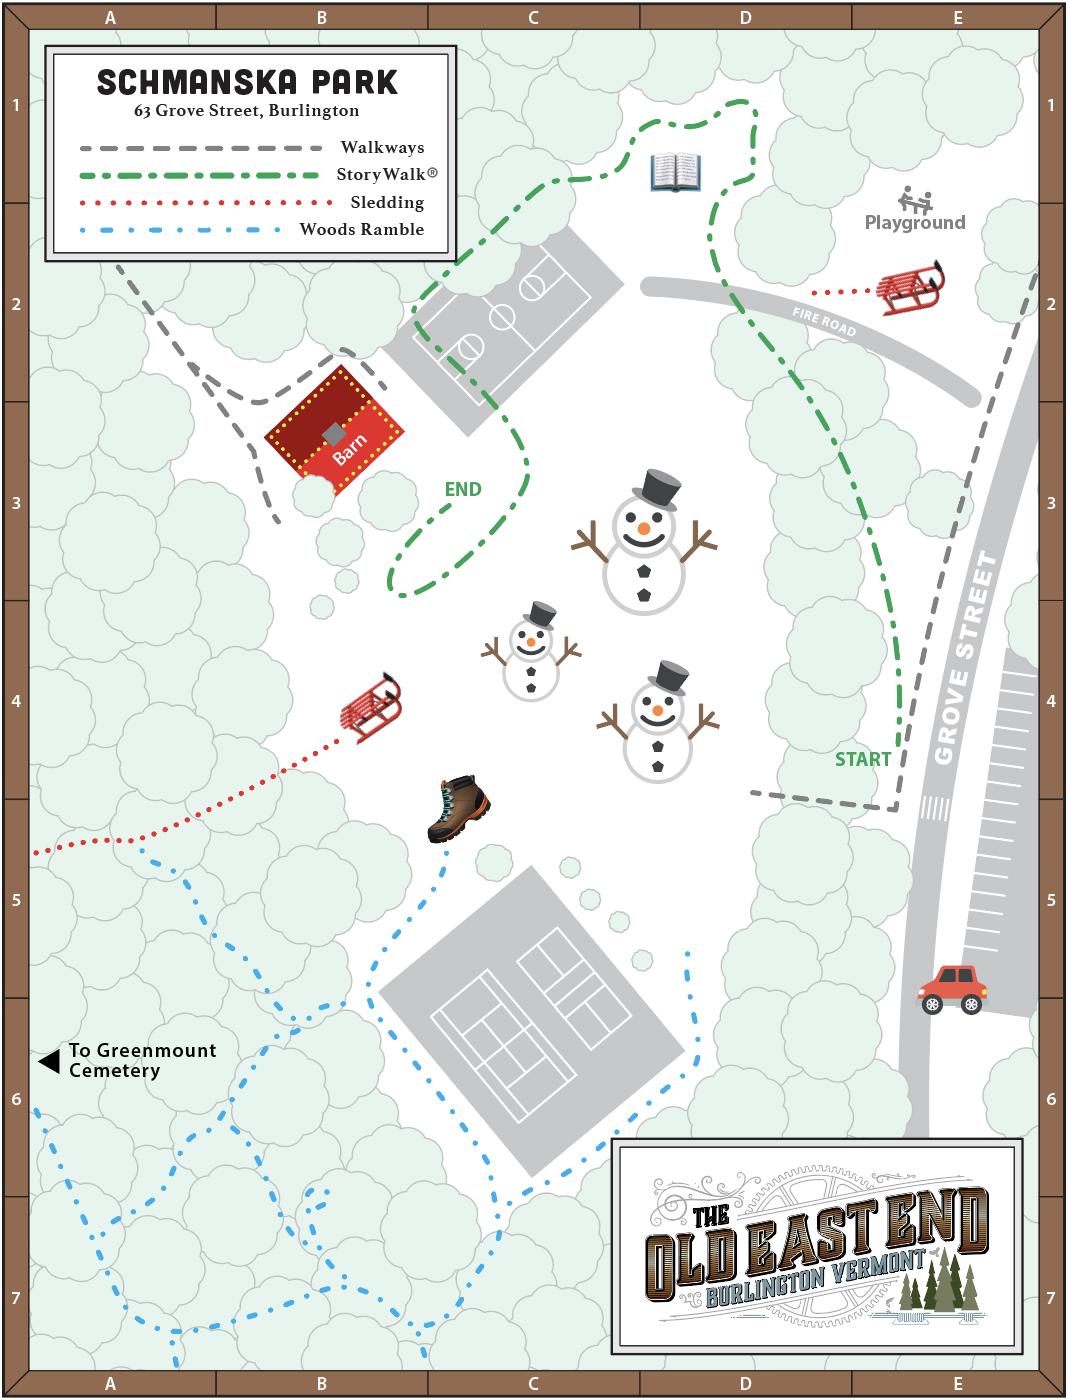 Schmanska Park map with Winterlude activities